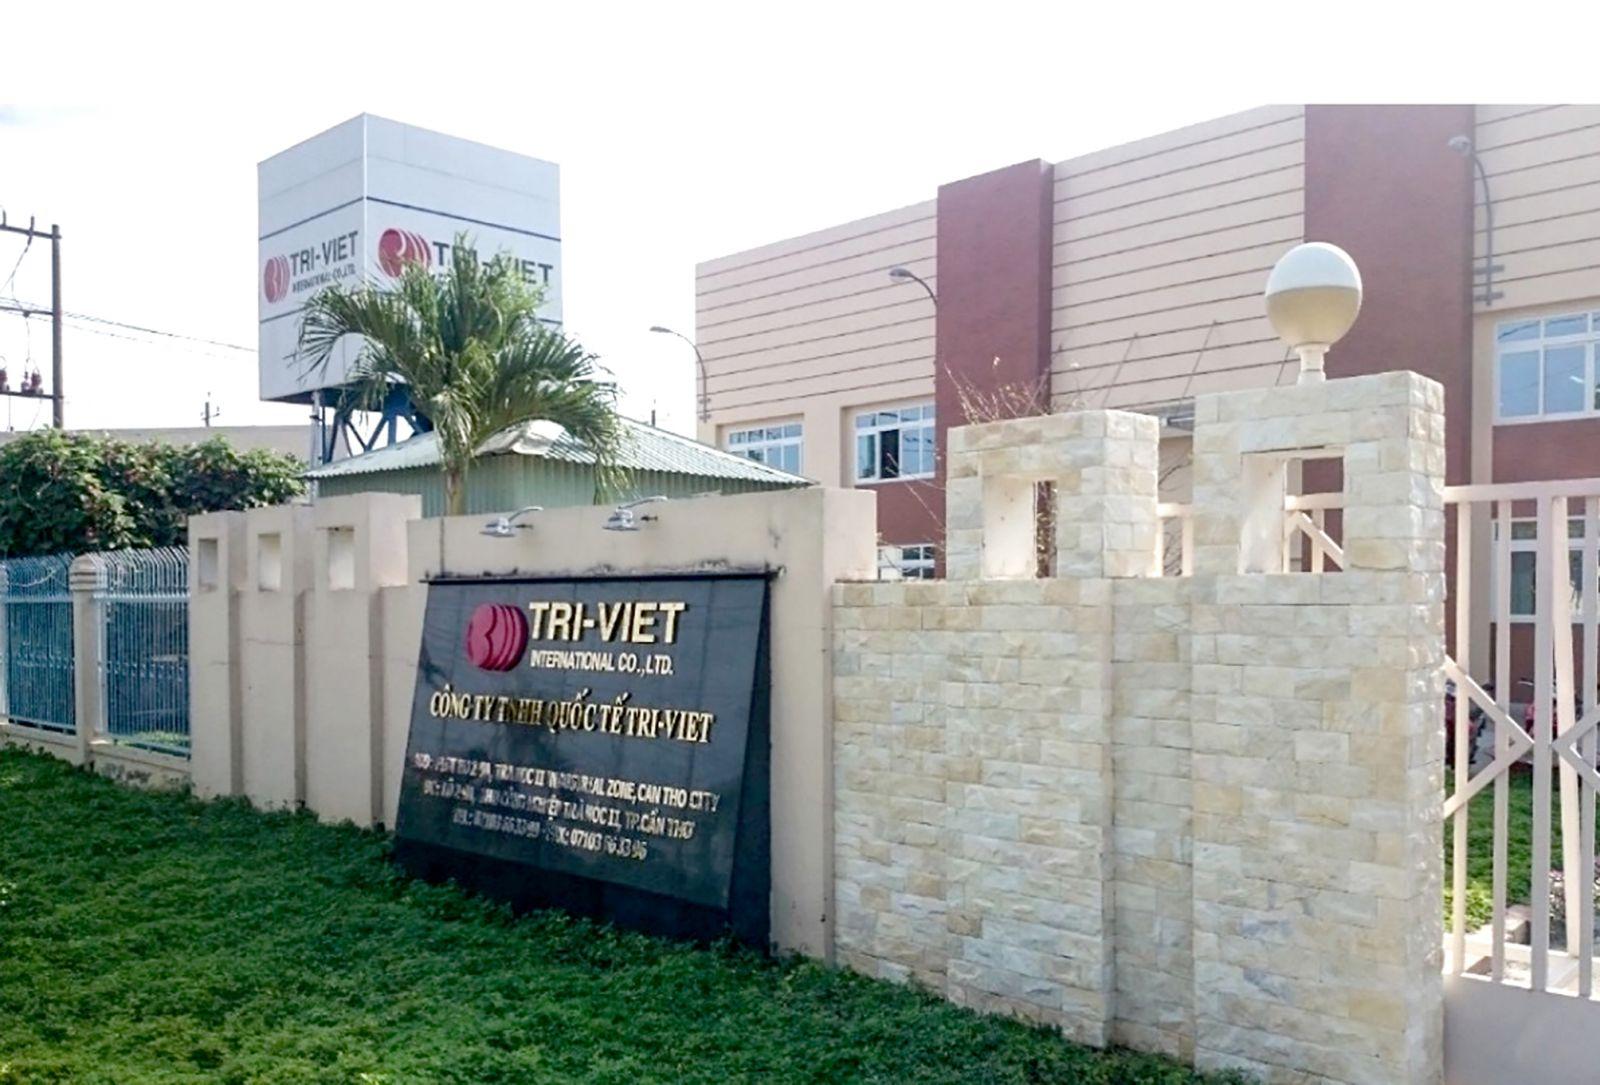 Công ty TNHH Quốc tế Tri-Viet, nhà đầu tư Nhật Bản hoạt động hiệu quả tại TP Cần Thơ. Ảnh: KHÁNH NAM